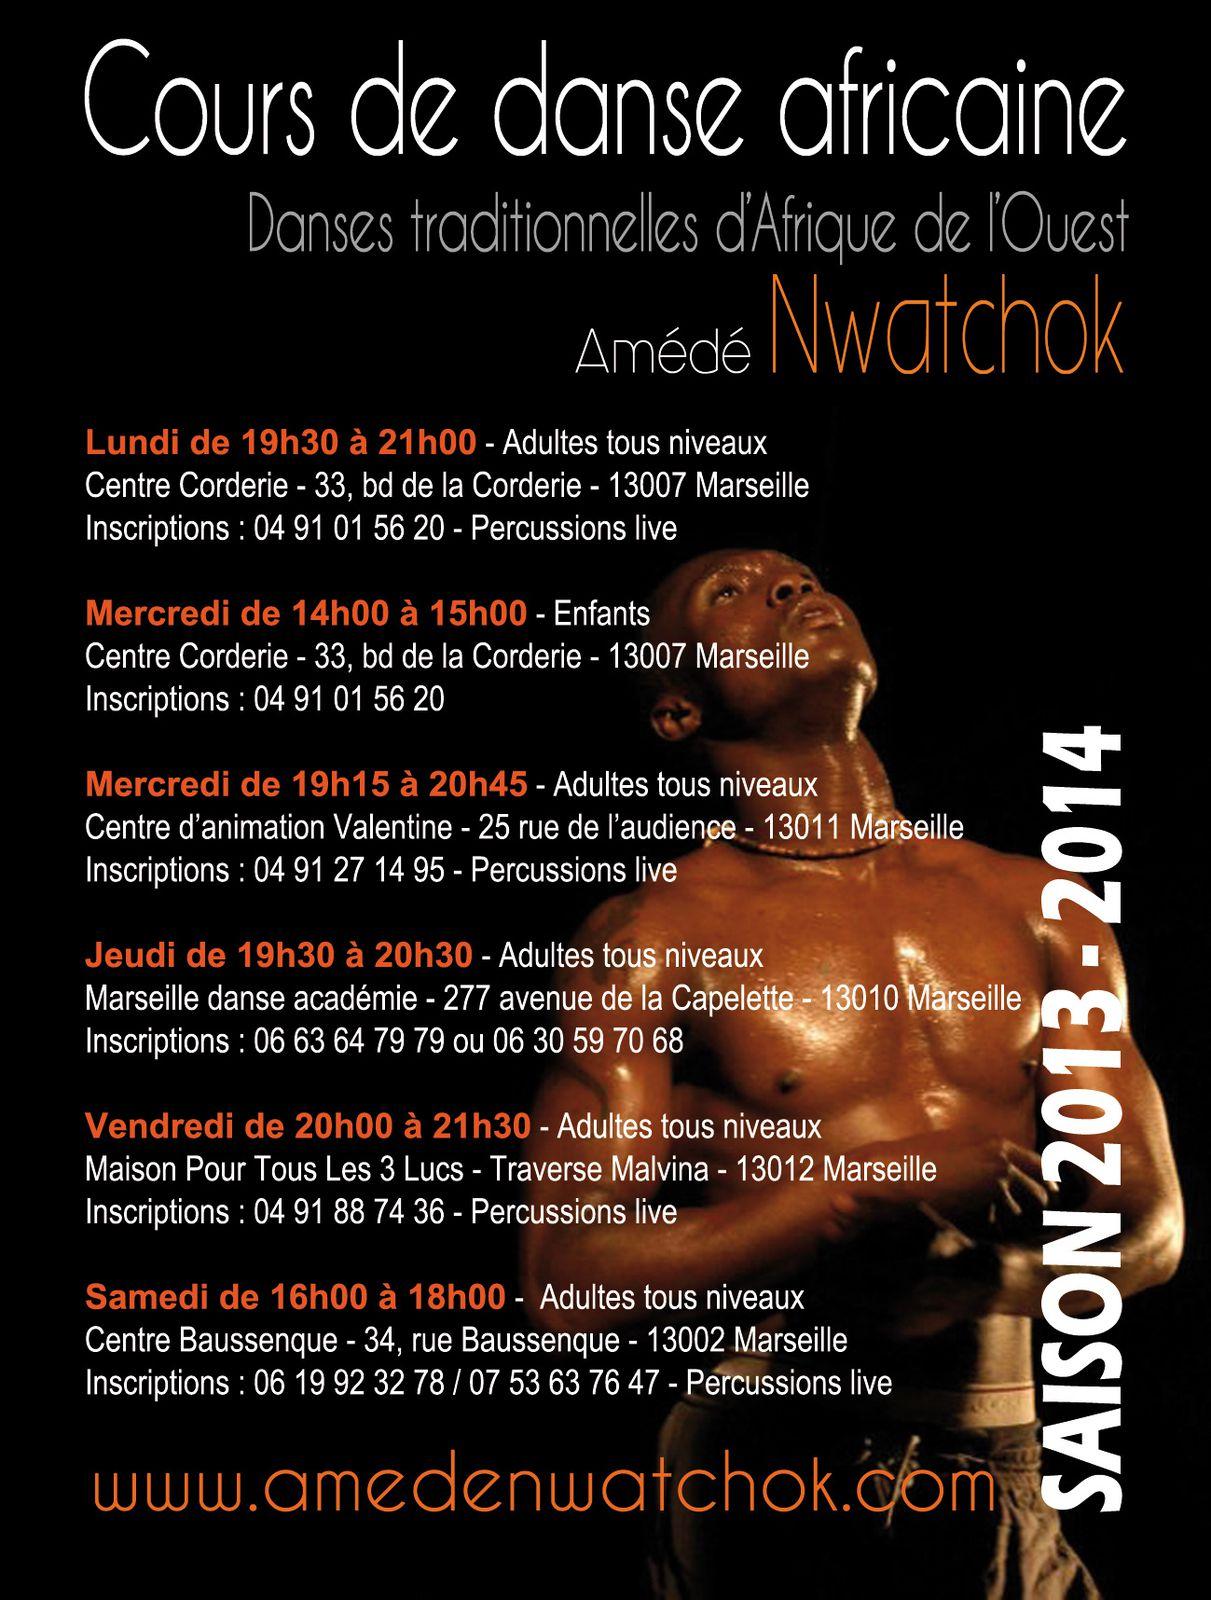 Cours de danse africaine avec Amédé Nwatchok - Saison 2013 / 2014